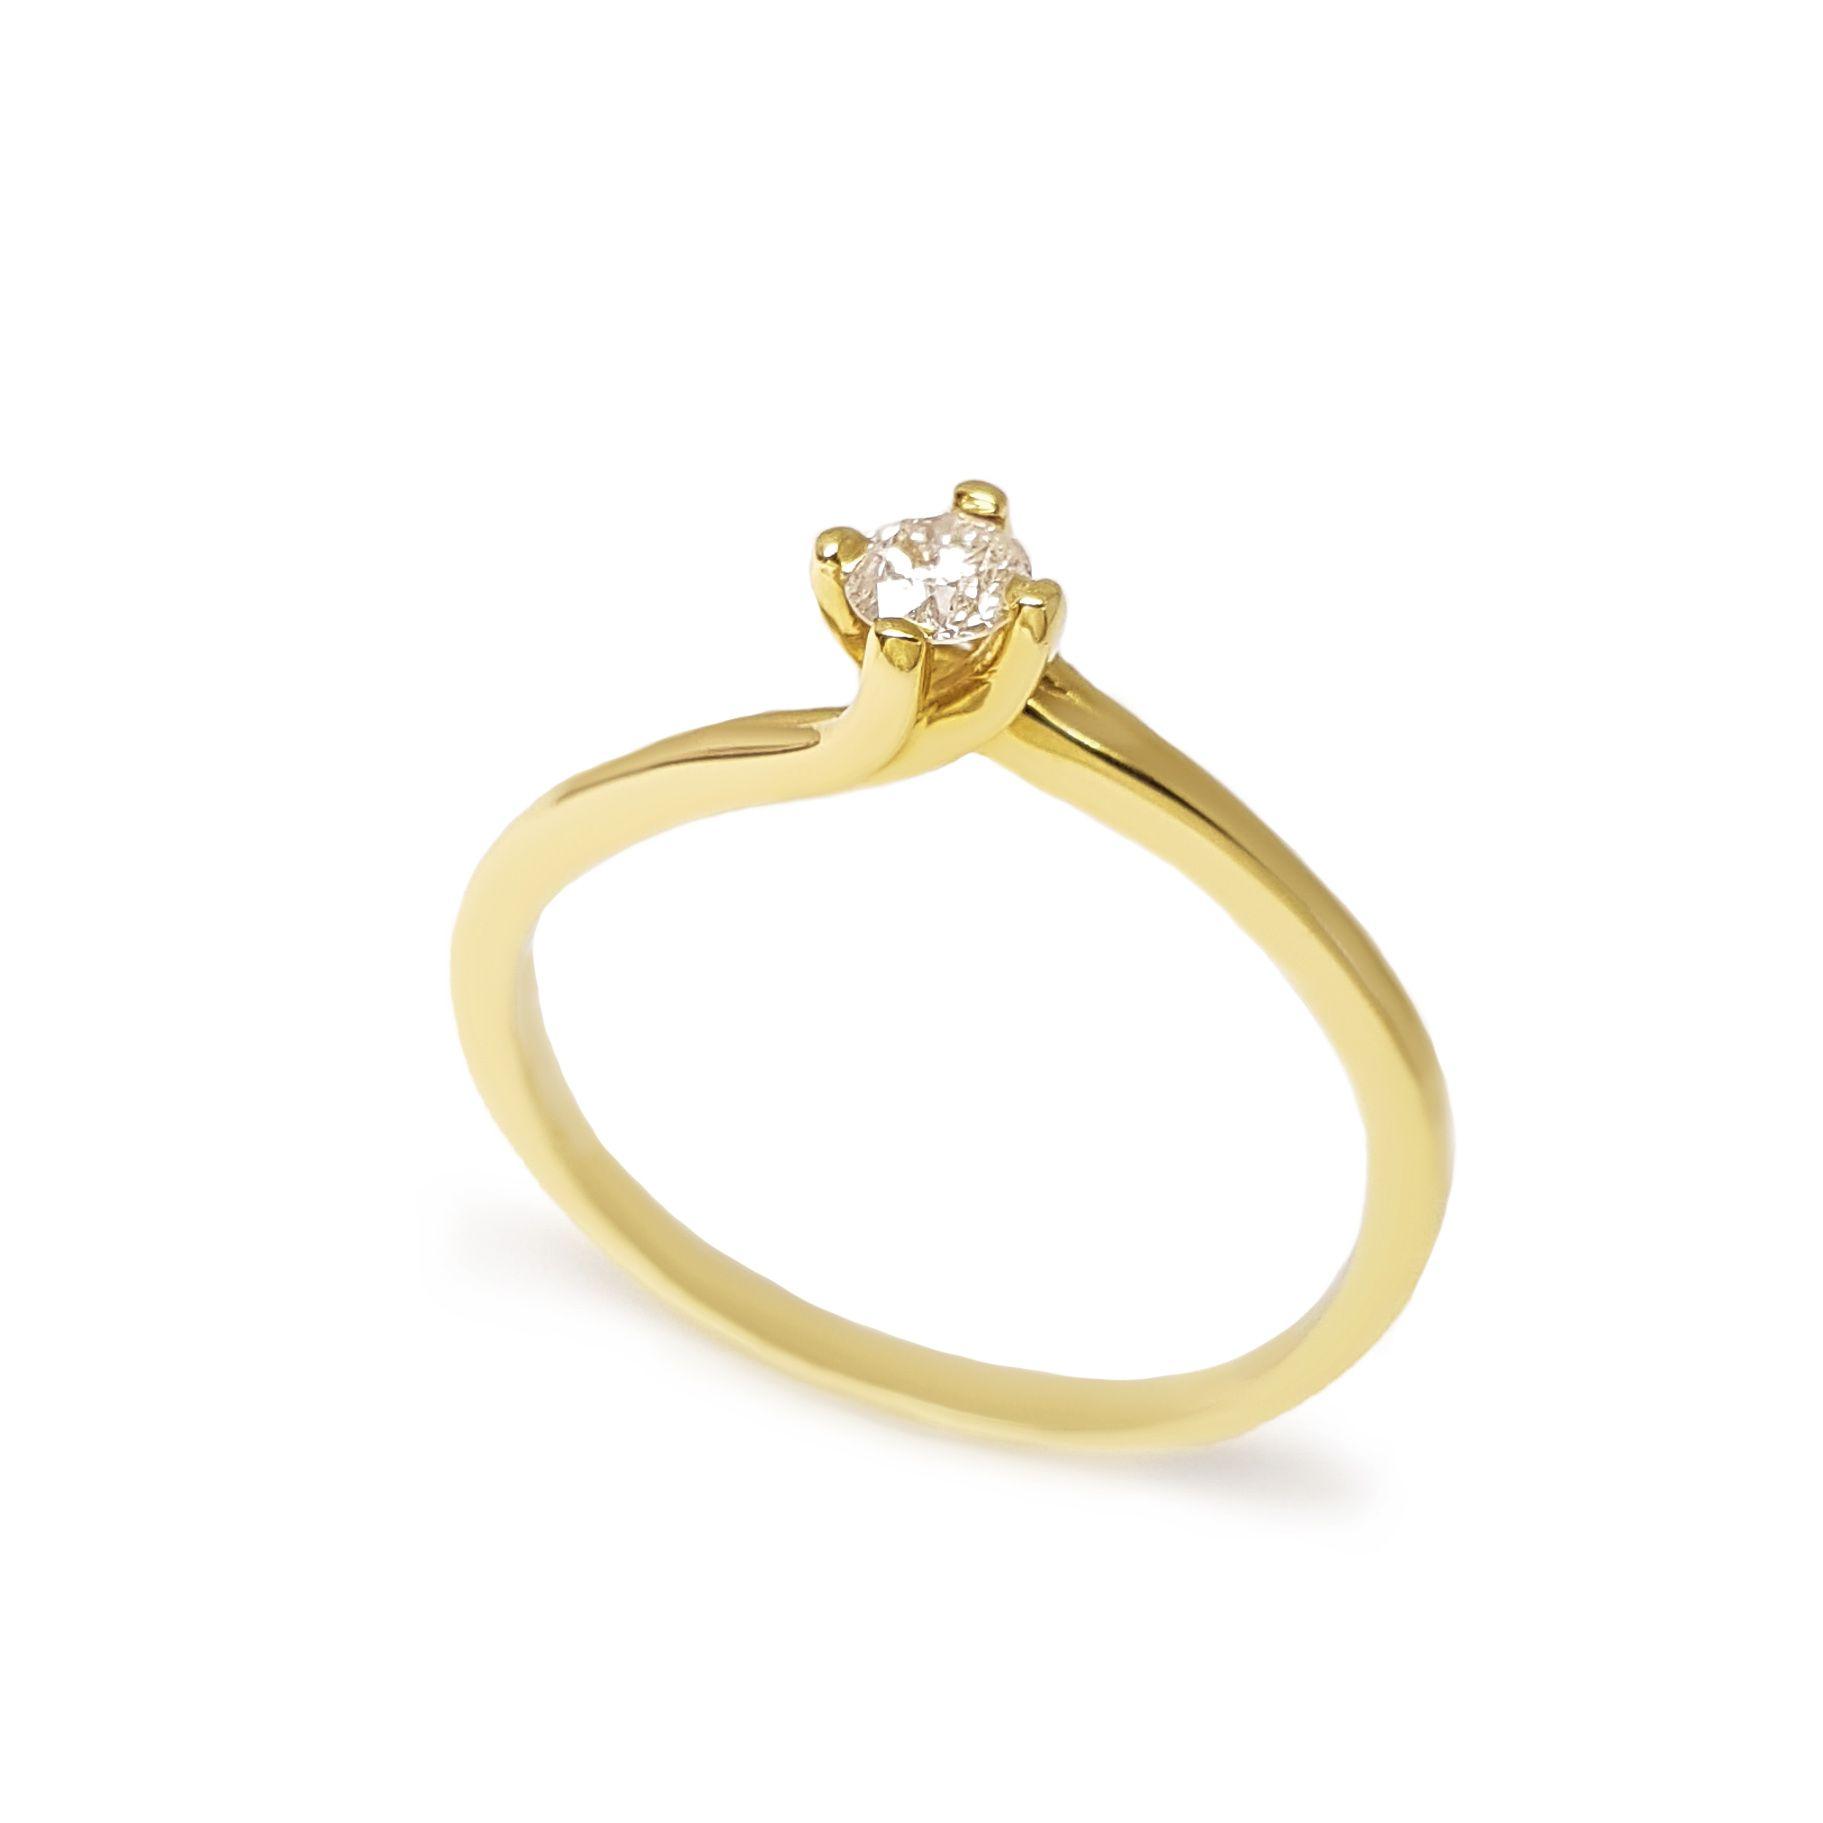 87bd1f86b98 Anel Solitário Ouro 18k com Diamante de 15 pontos - YVES